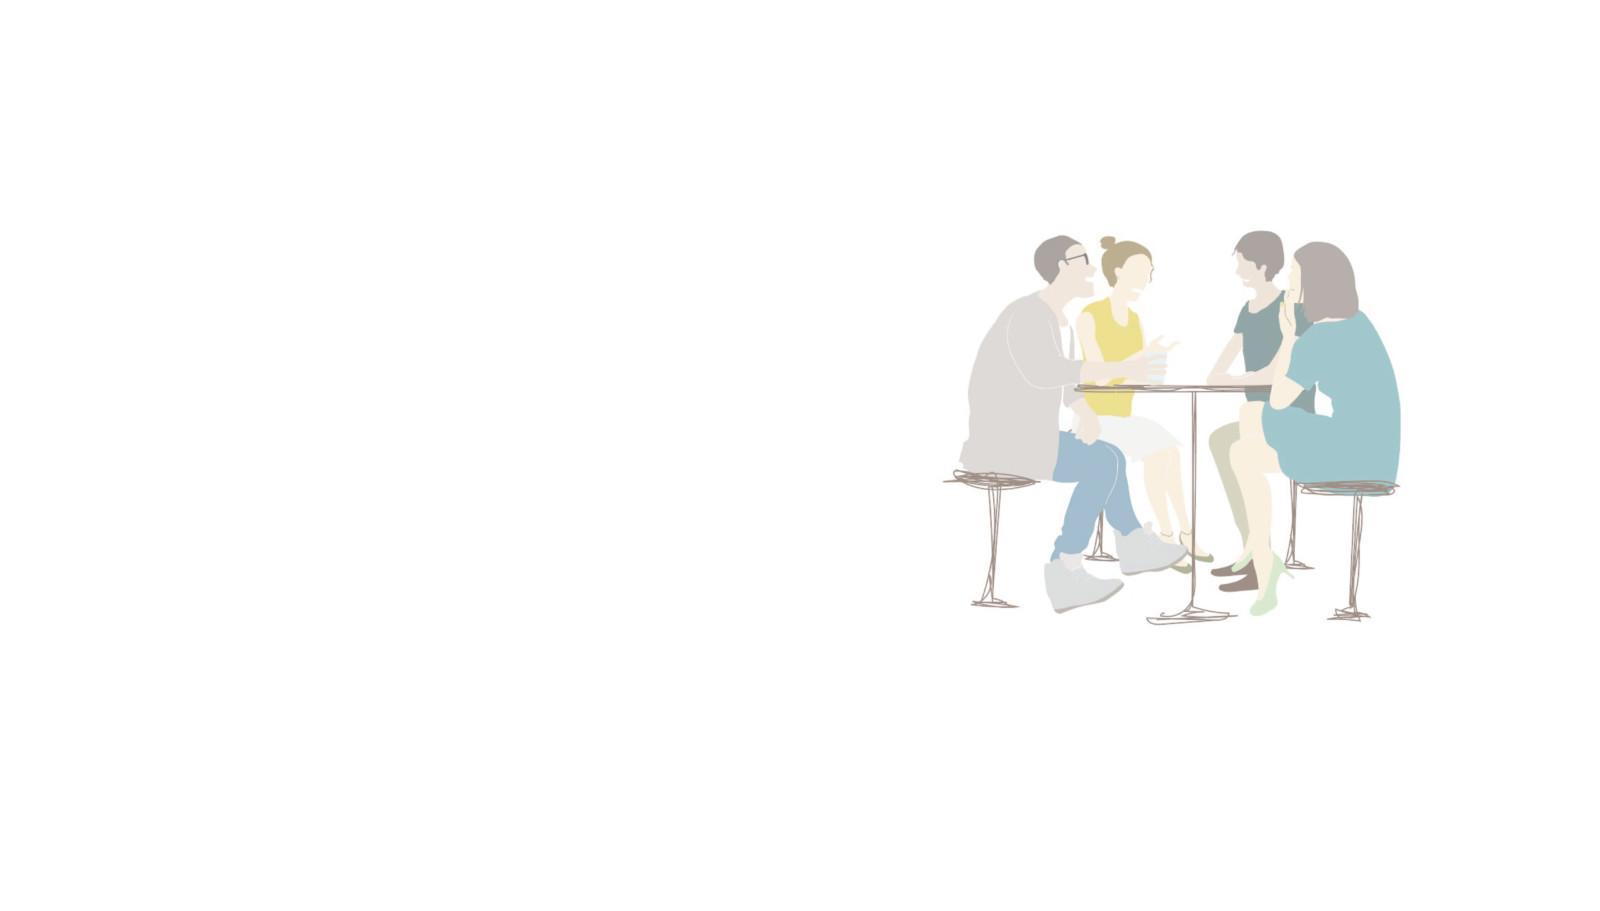 【編集部トーク】新世代のデザイナーたち。  取材してみて、どうだった?